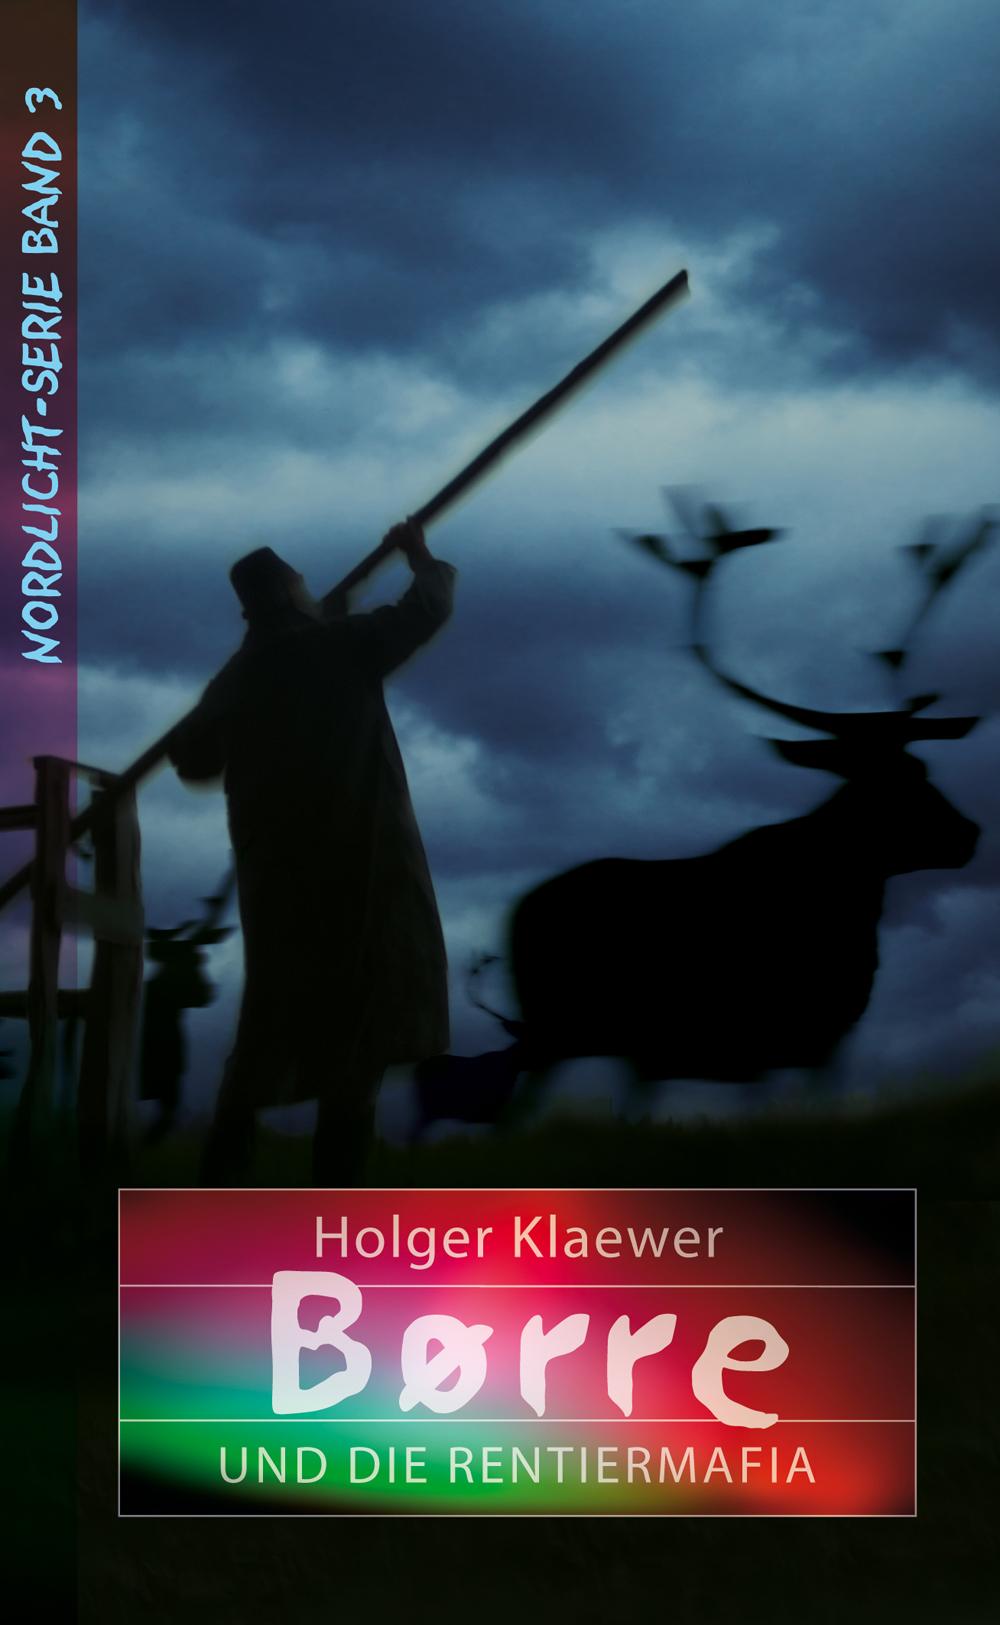 CLV_brre-und-die-rentiermafia_holger-klaewer_256130_1